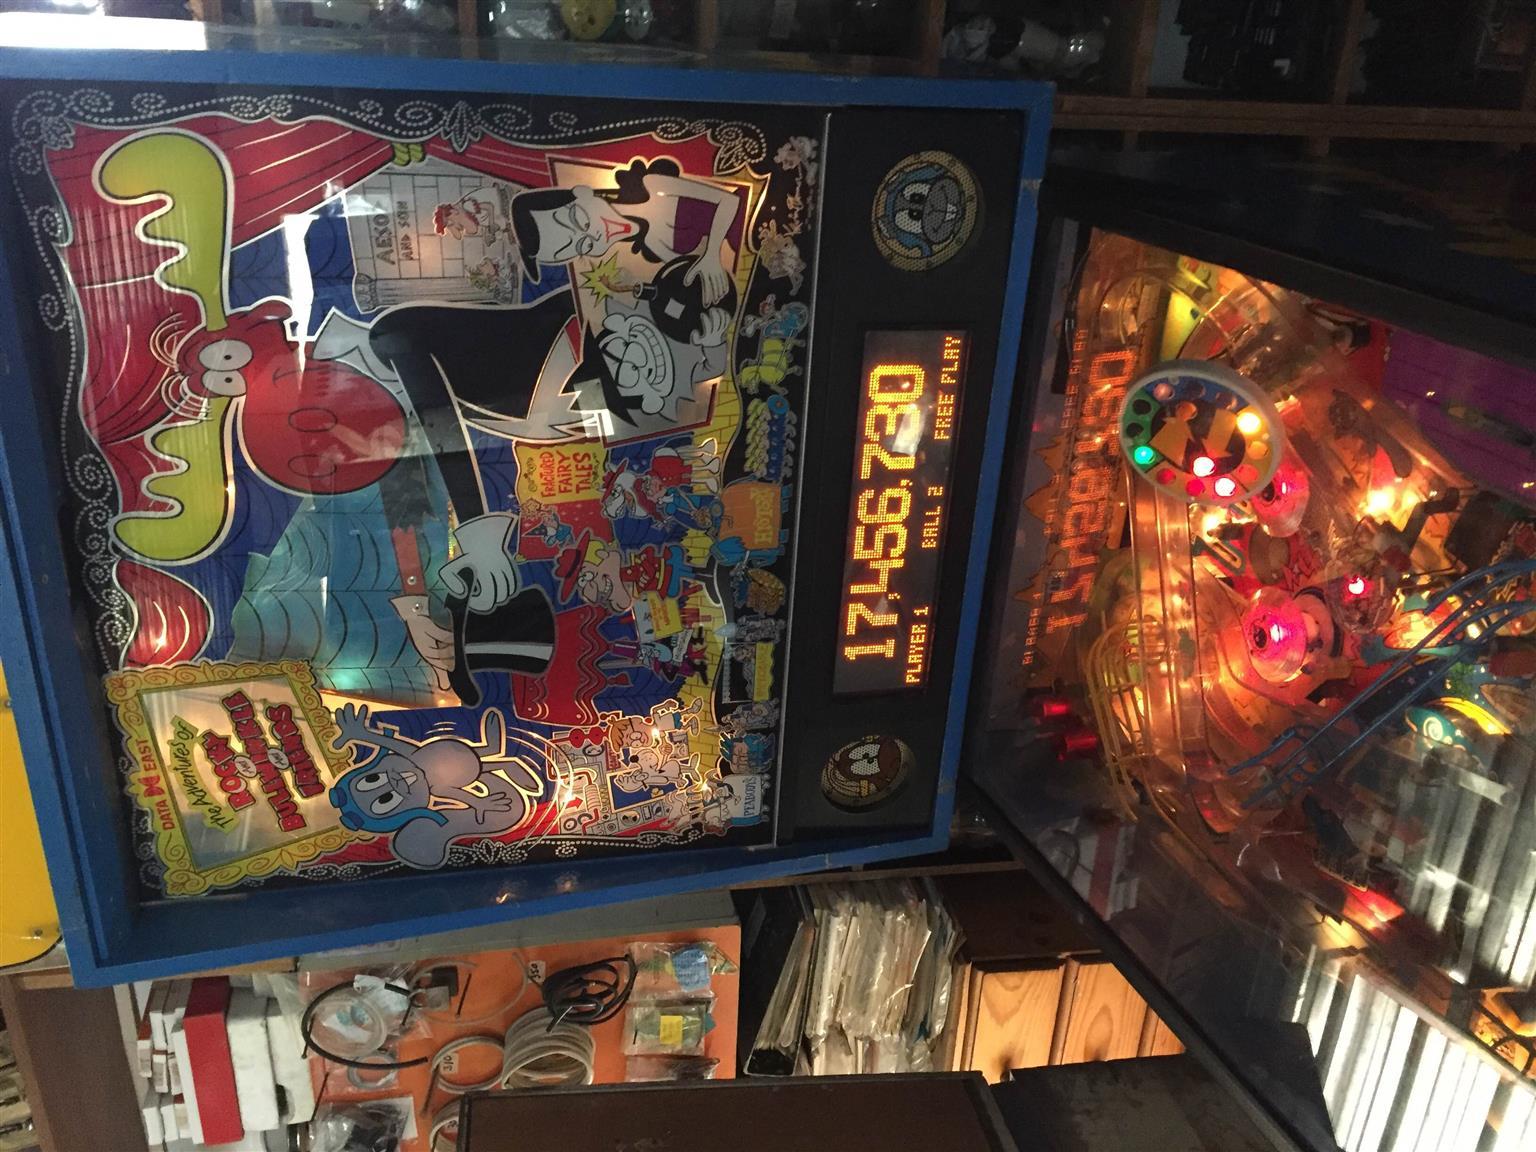 Rocky Bullwinkle & Friends Pinball Machine